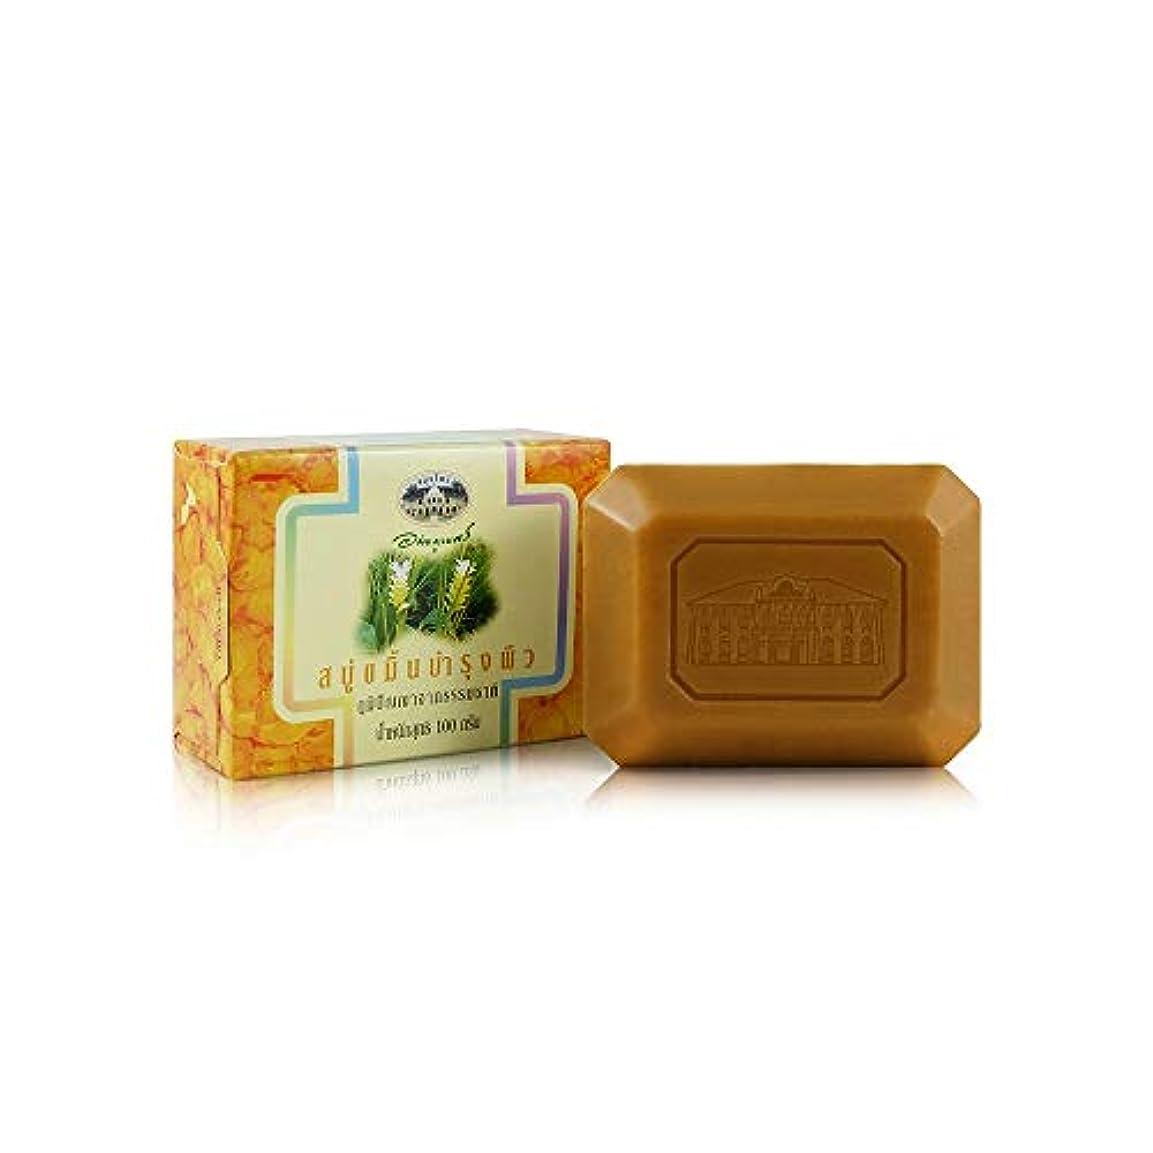 シフト薄暗いコンソールAbhaibhubejhr Turmeric Herbal Body Cleansing Soap 100g. Abhaibhubejhrターメリックハーブボディクレンジングソープ100グラム。